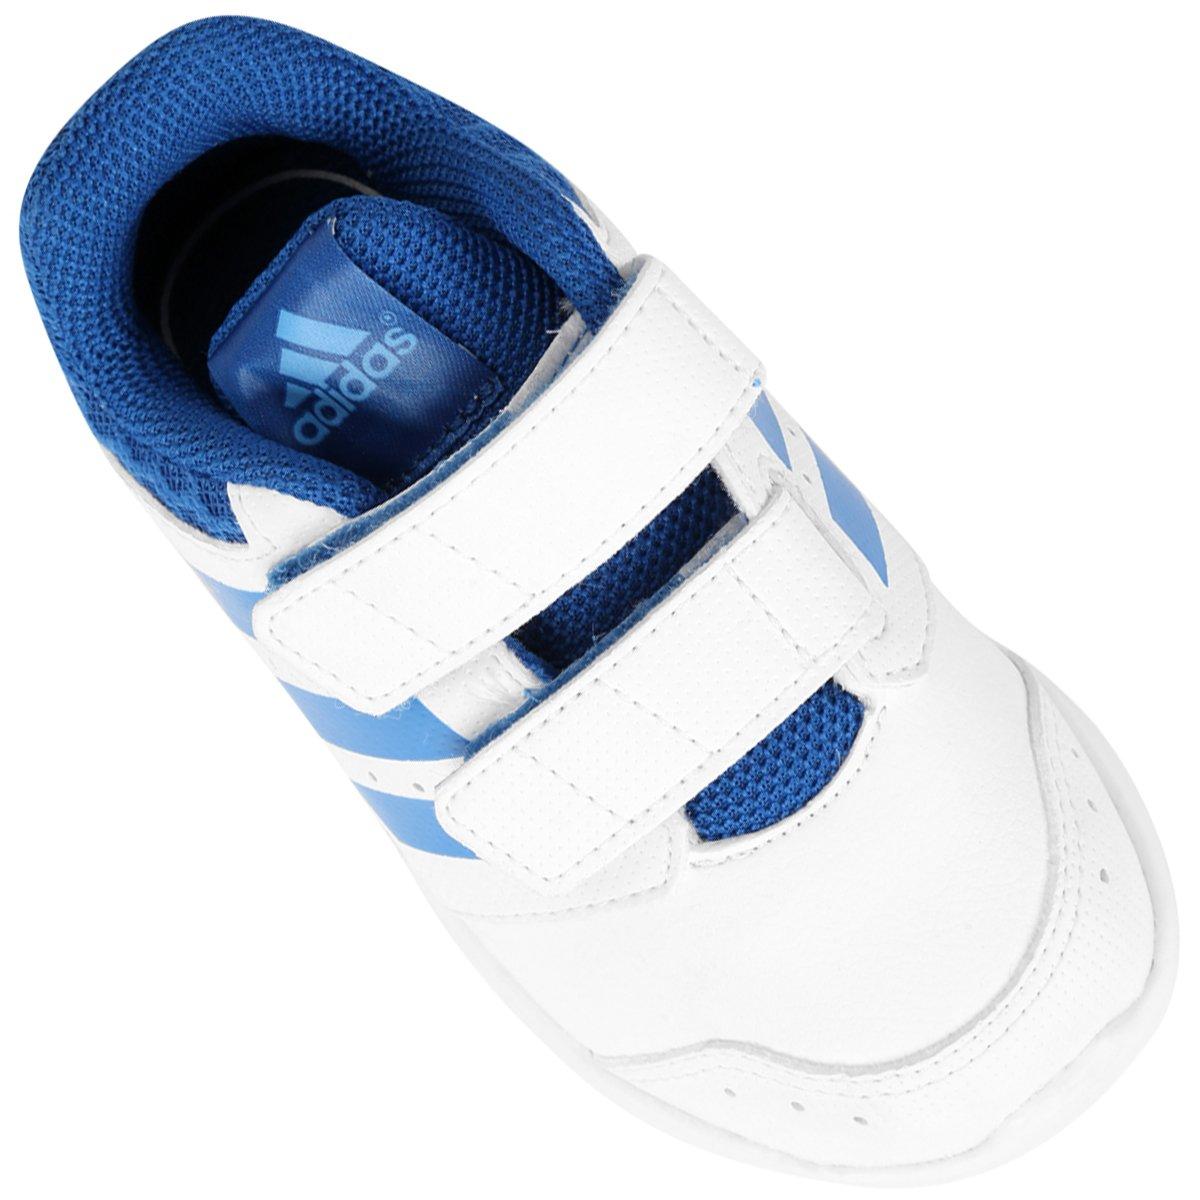 7e2d9c858ae Tênis Adidas Lk Sport 2 Cf I Infantil - Compre Agora